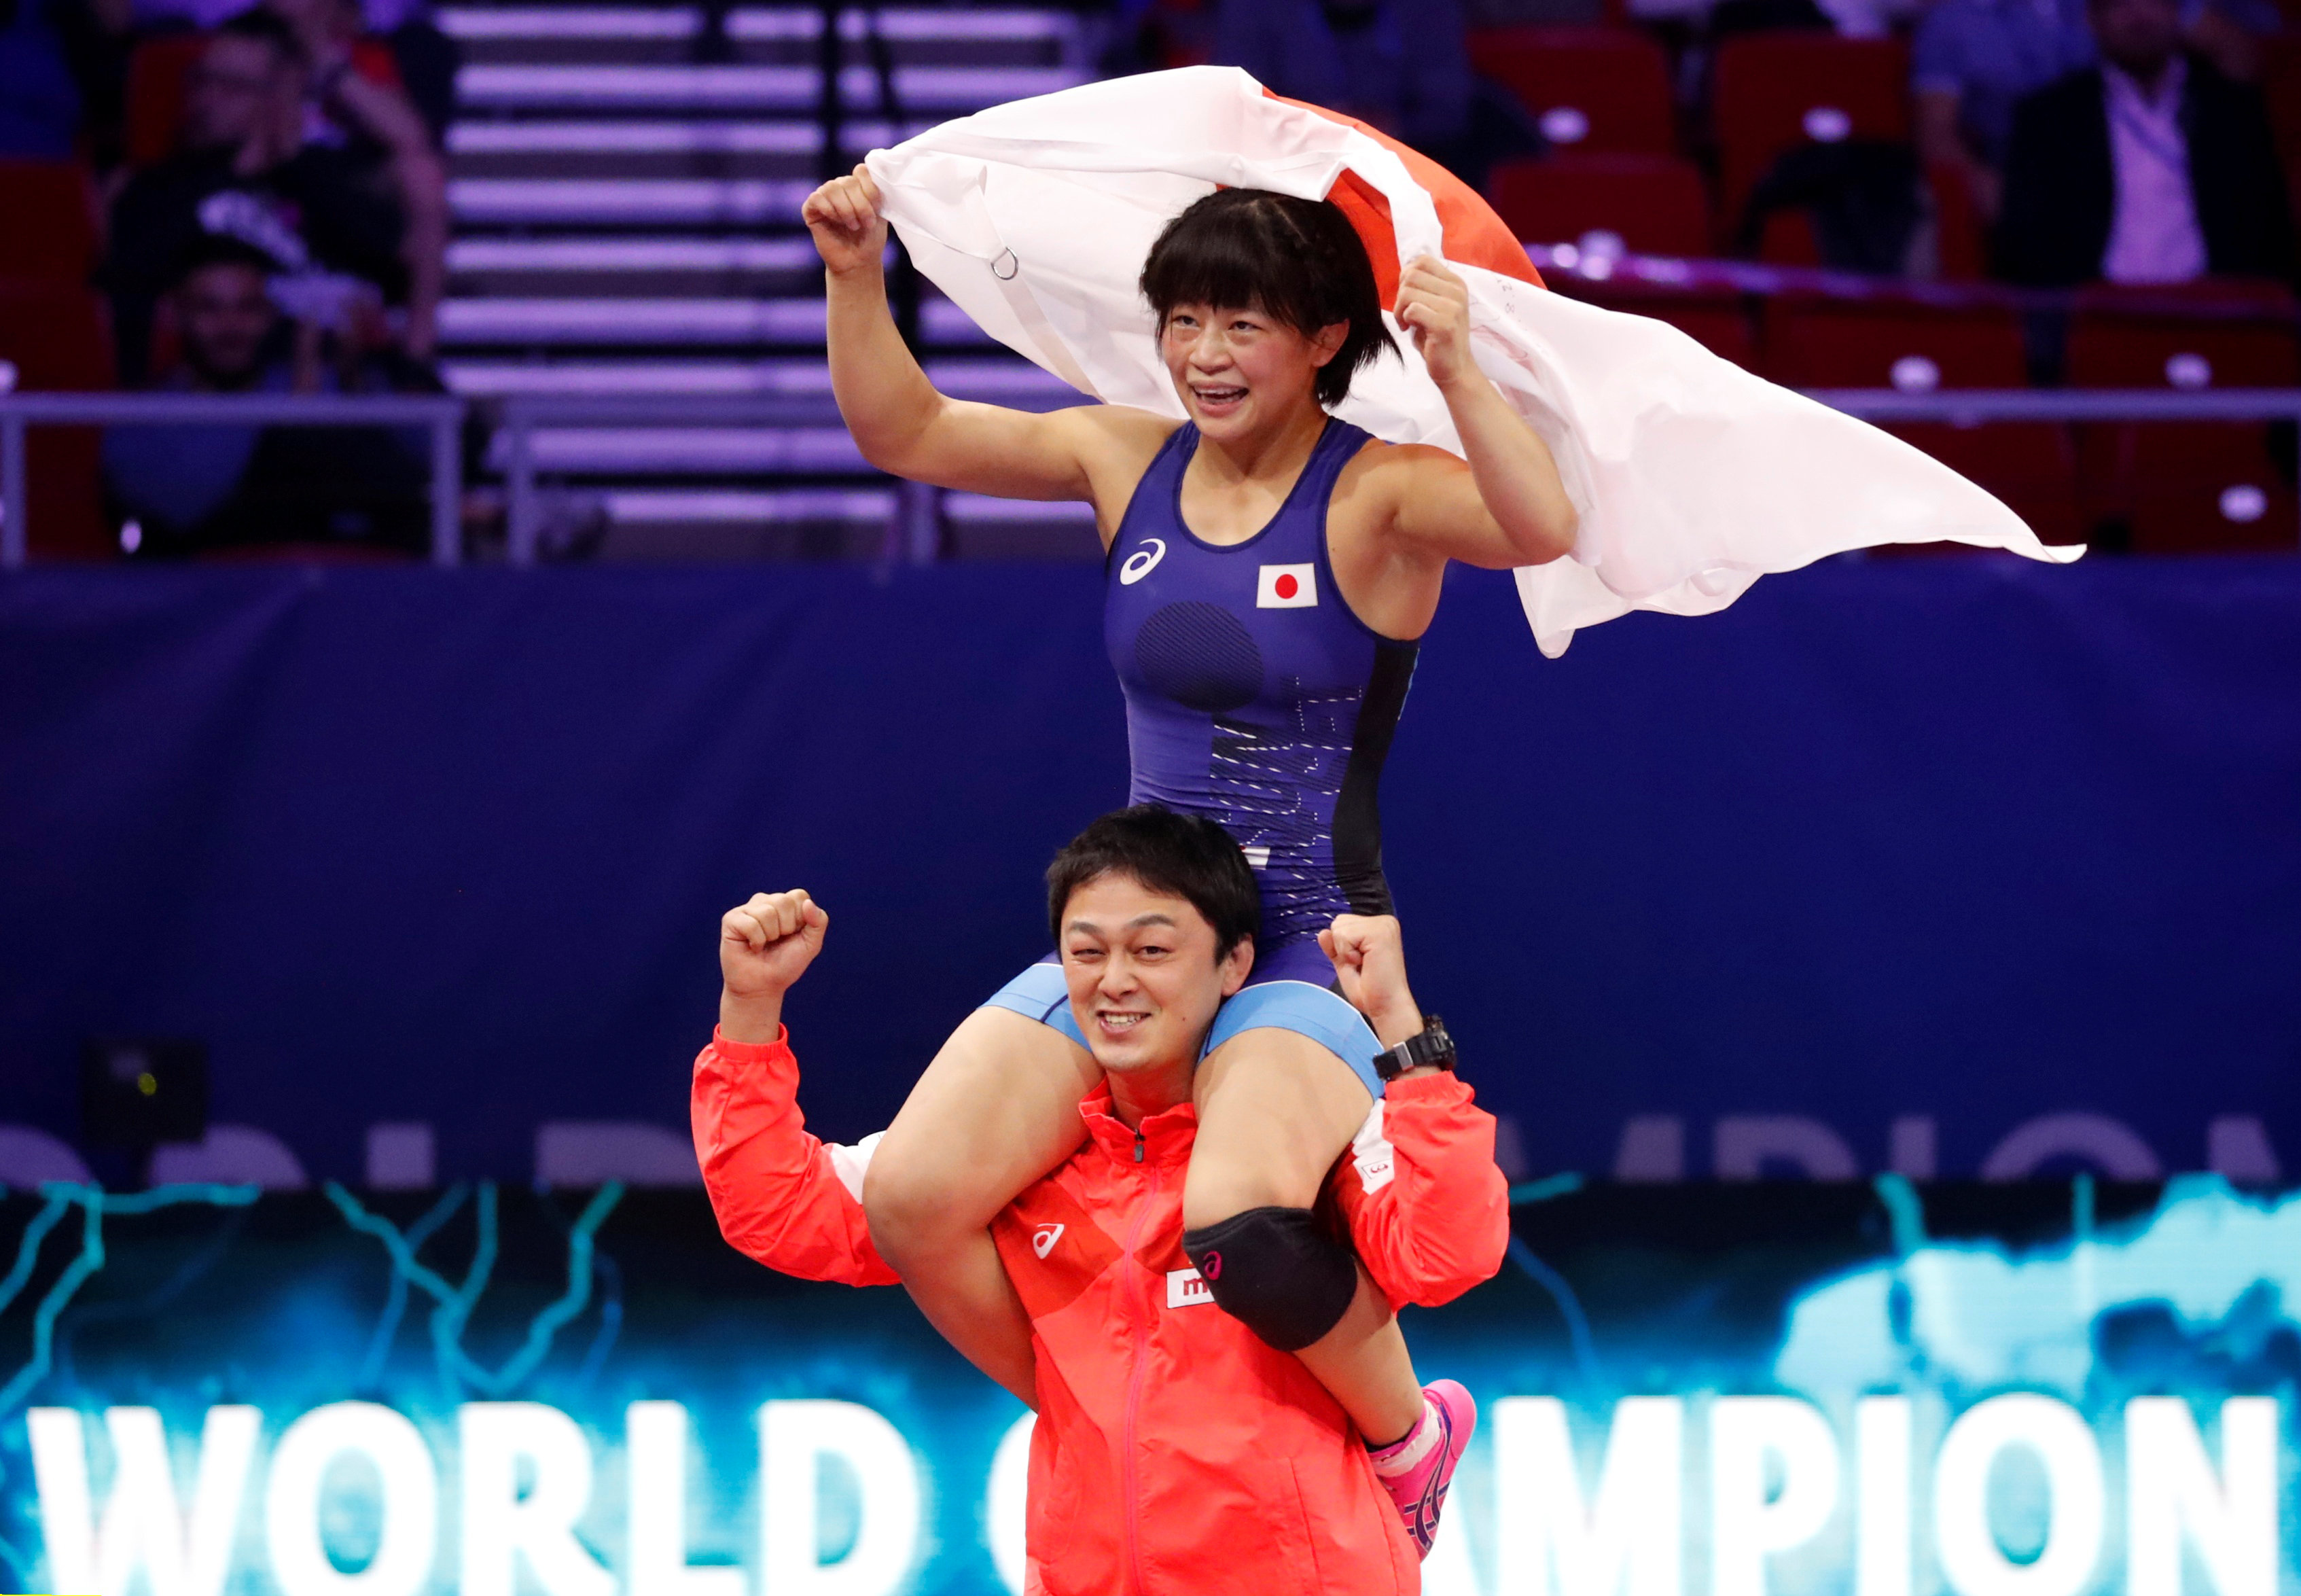 2018年の世界選手権で向田が優勝すると、コーチだった志土地は肩にのせて喜んだ